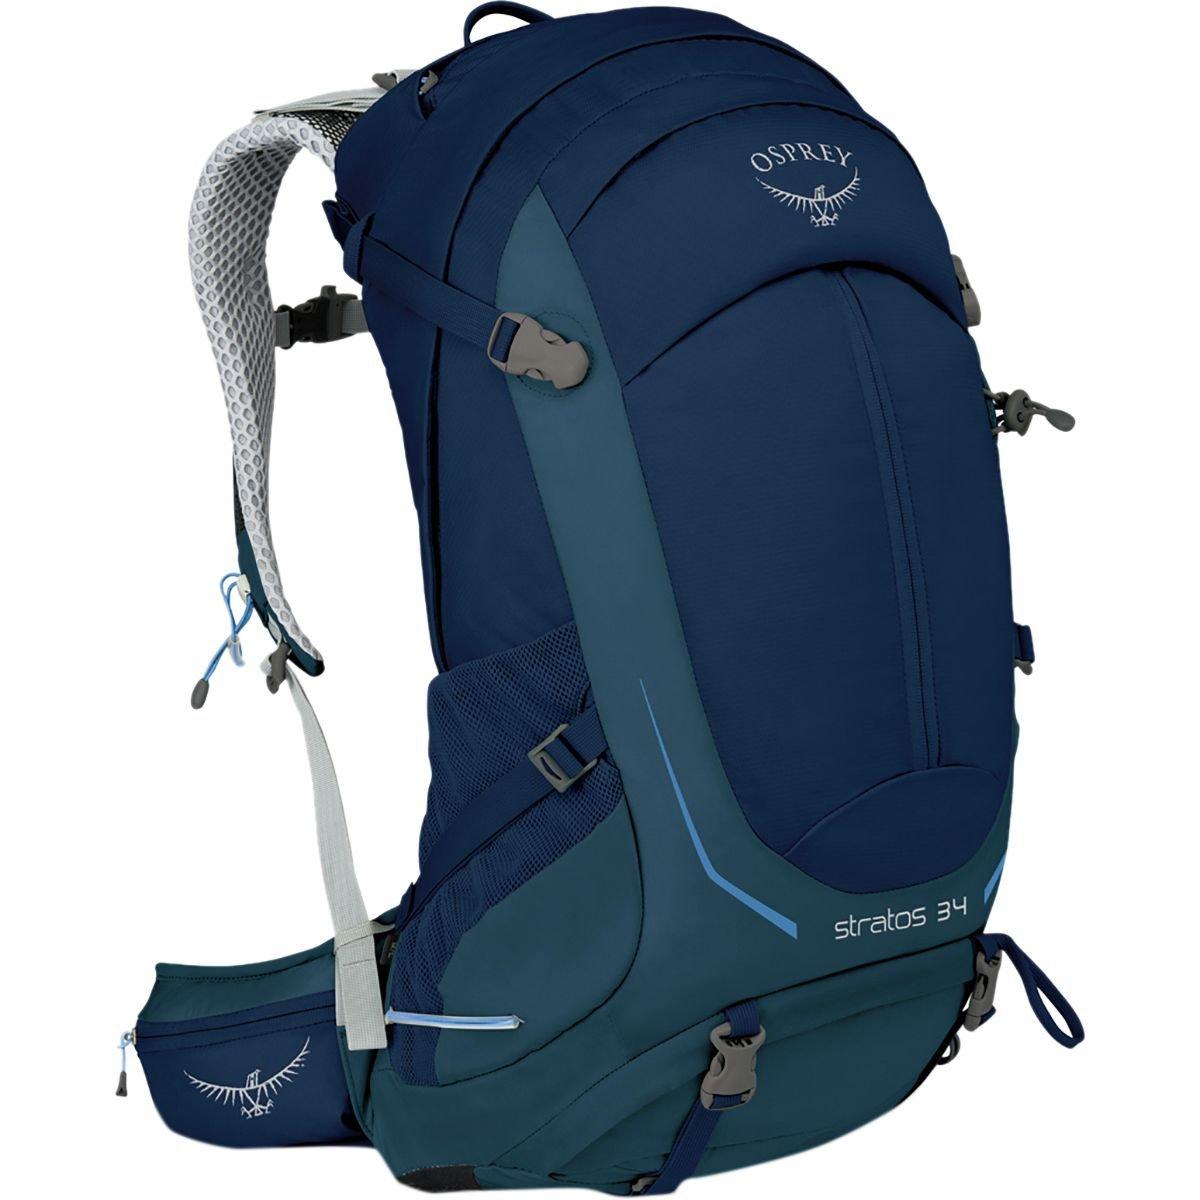 [オスプレーパック] メンズ バックパックリュックサック Stratos 34L Backpack [並行輸入品] B07BWBZD94  Medium / Large